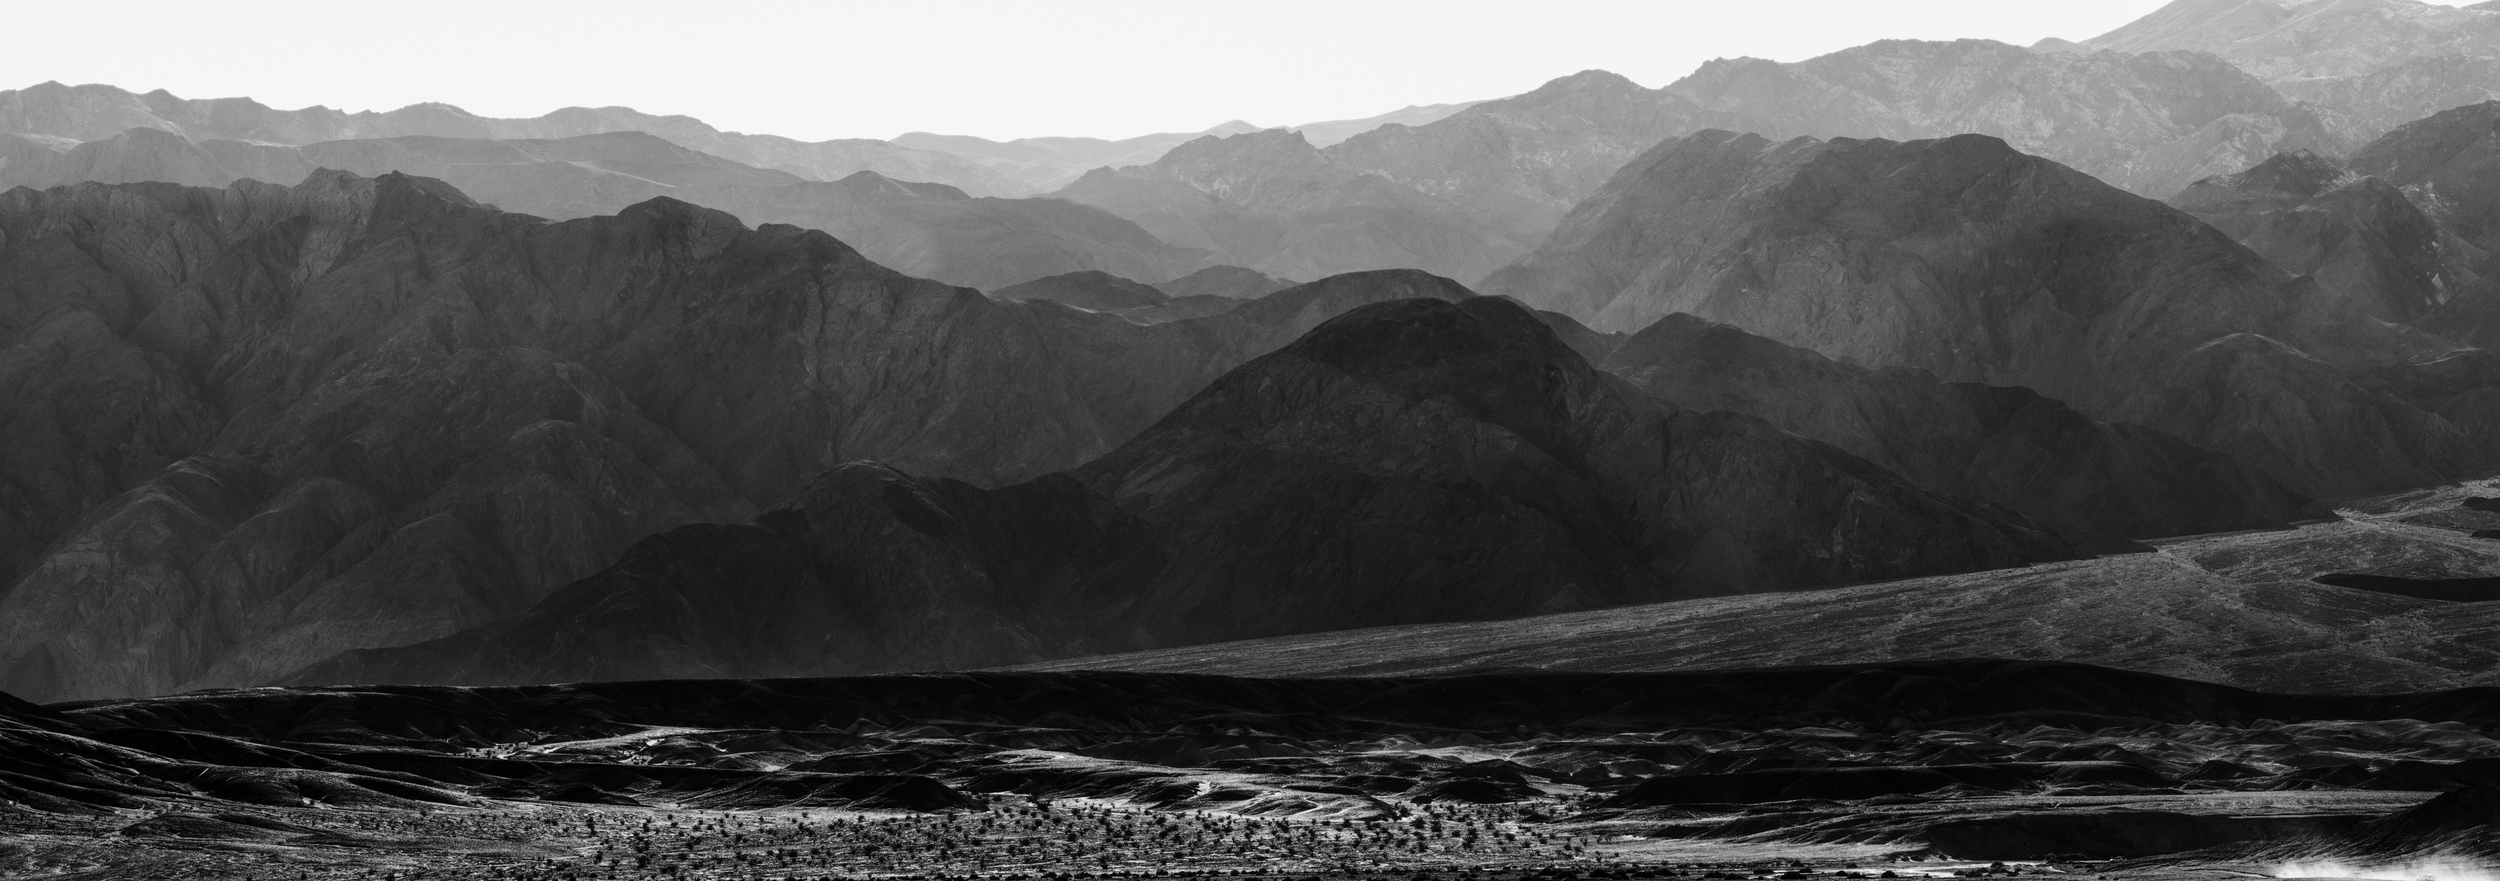 deathvalley-2422-Pano-Edit.jpg